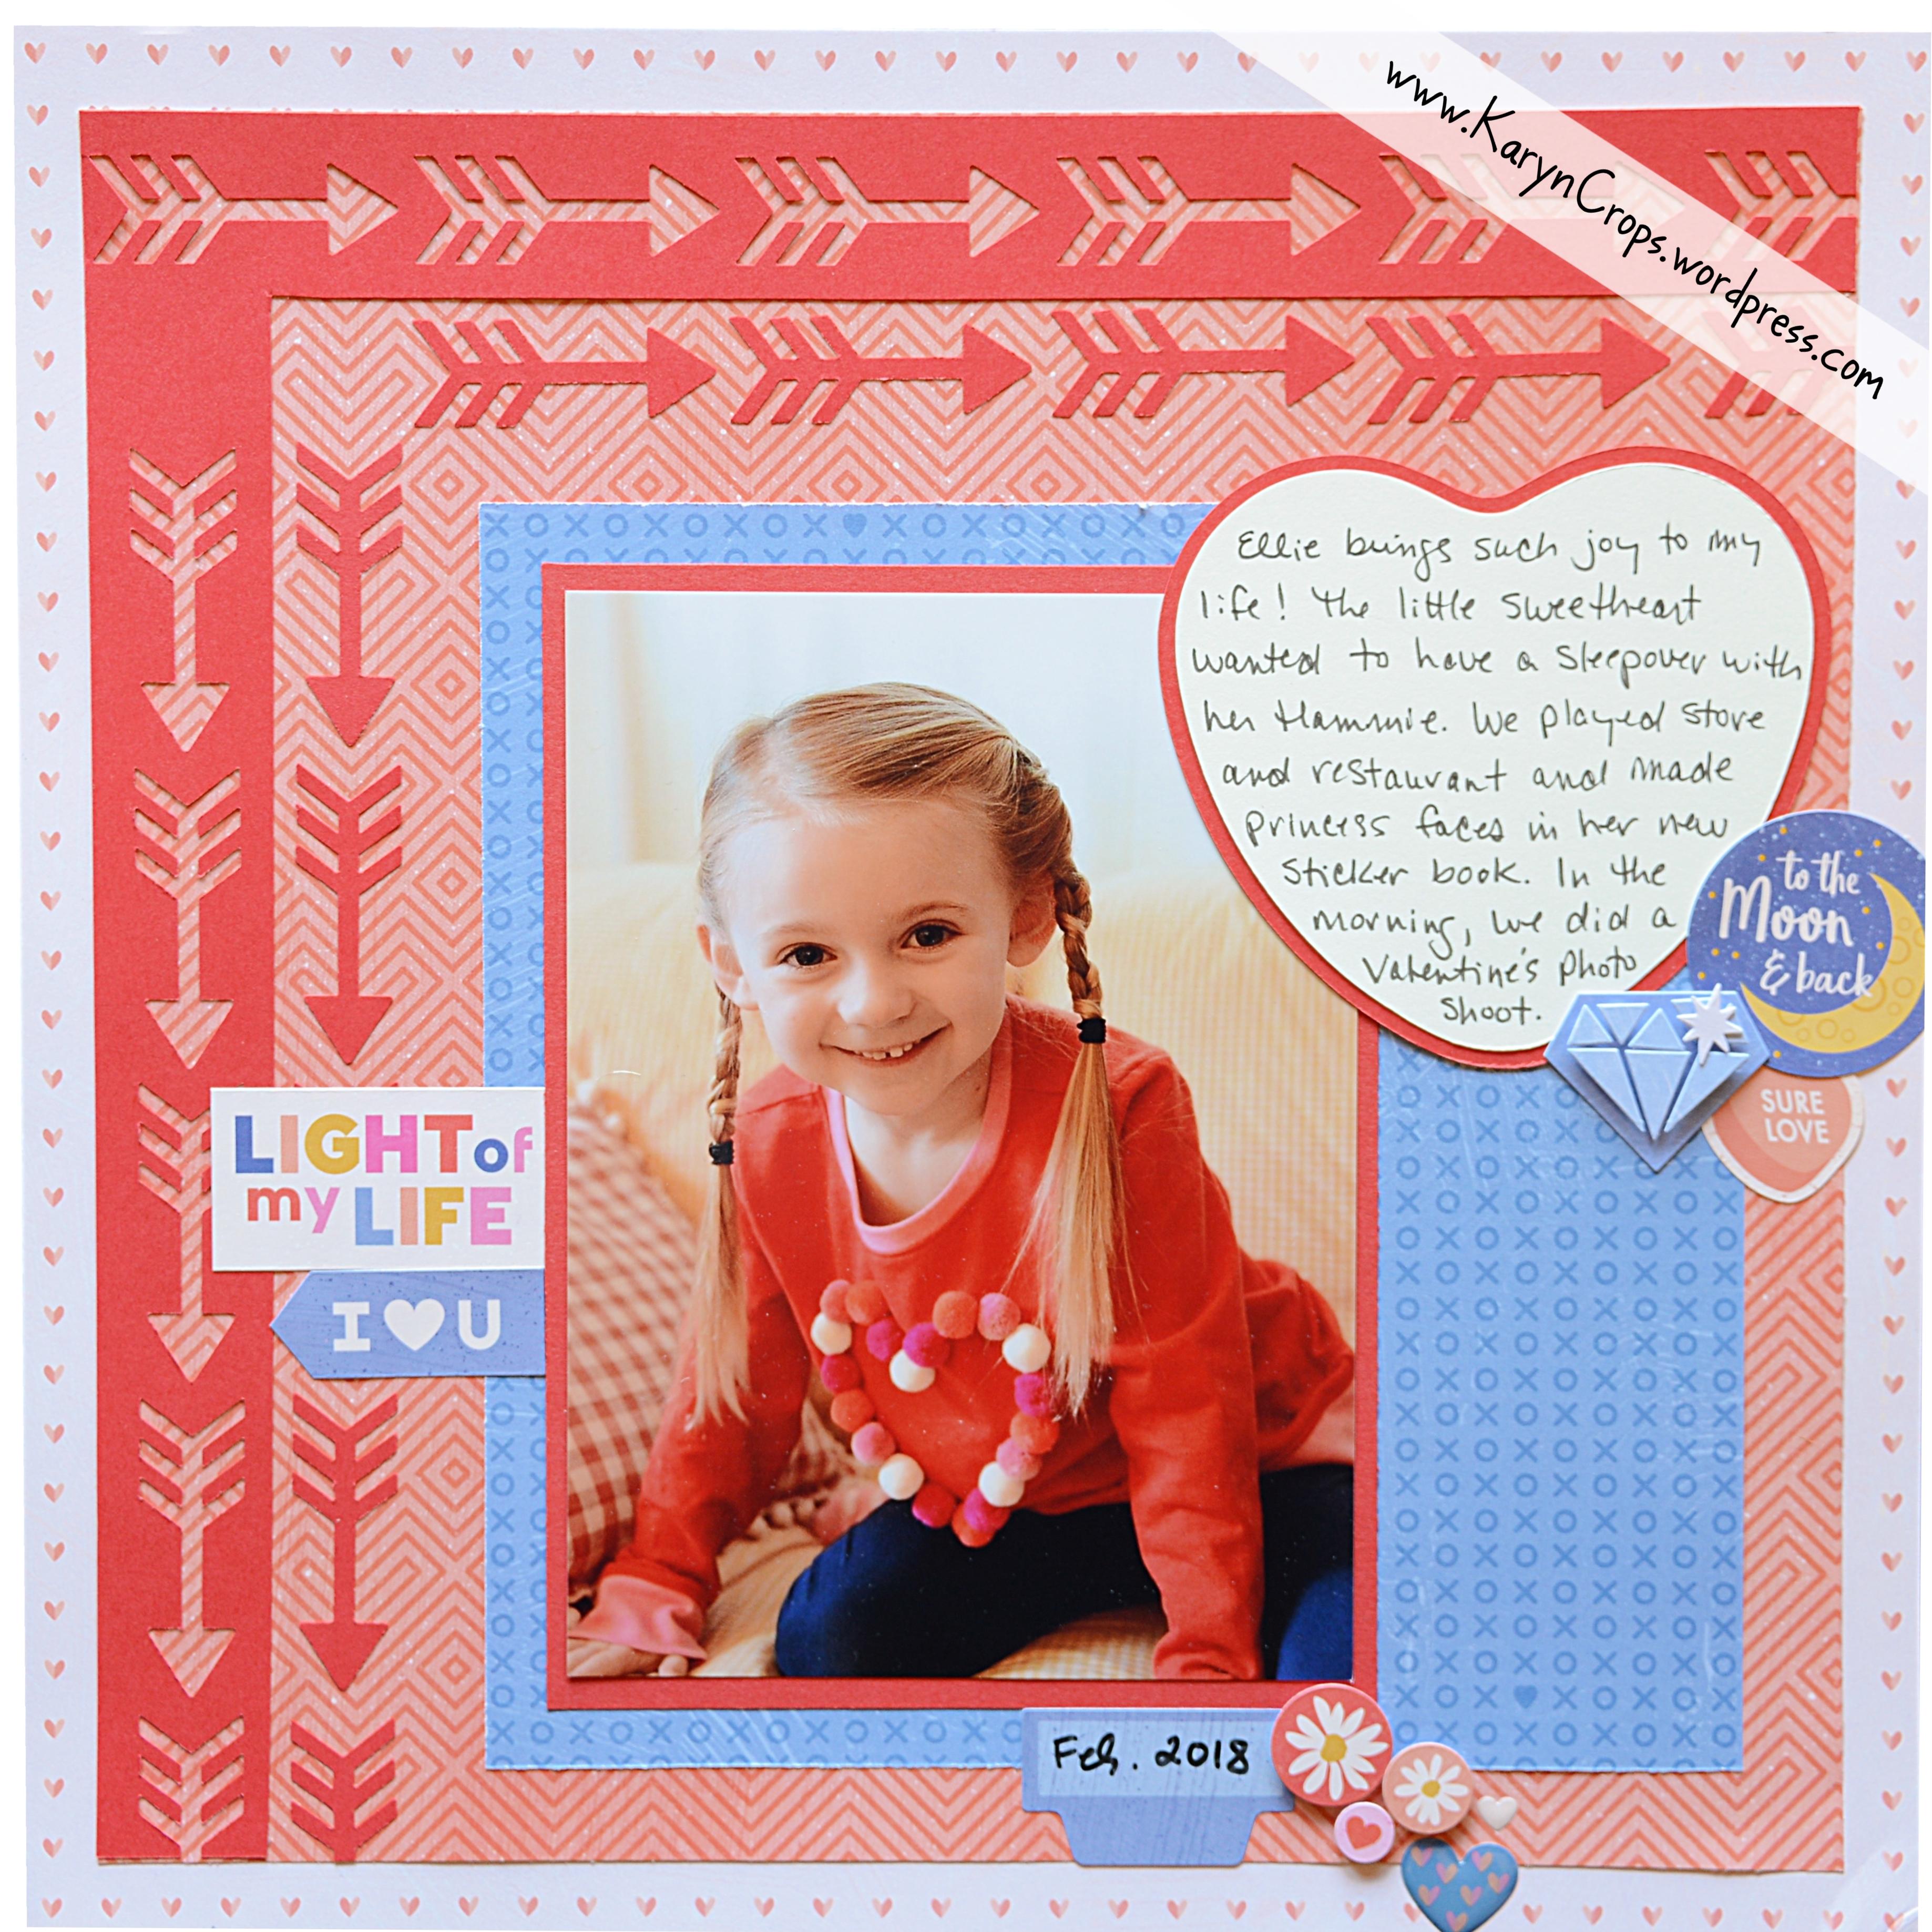 KarynCropsWordpressBeeMinePages - Page 084